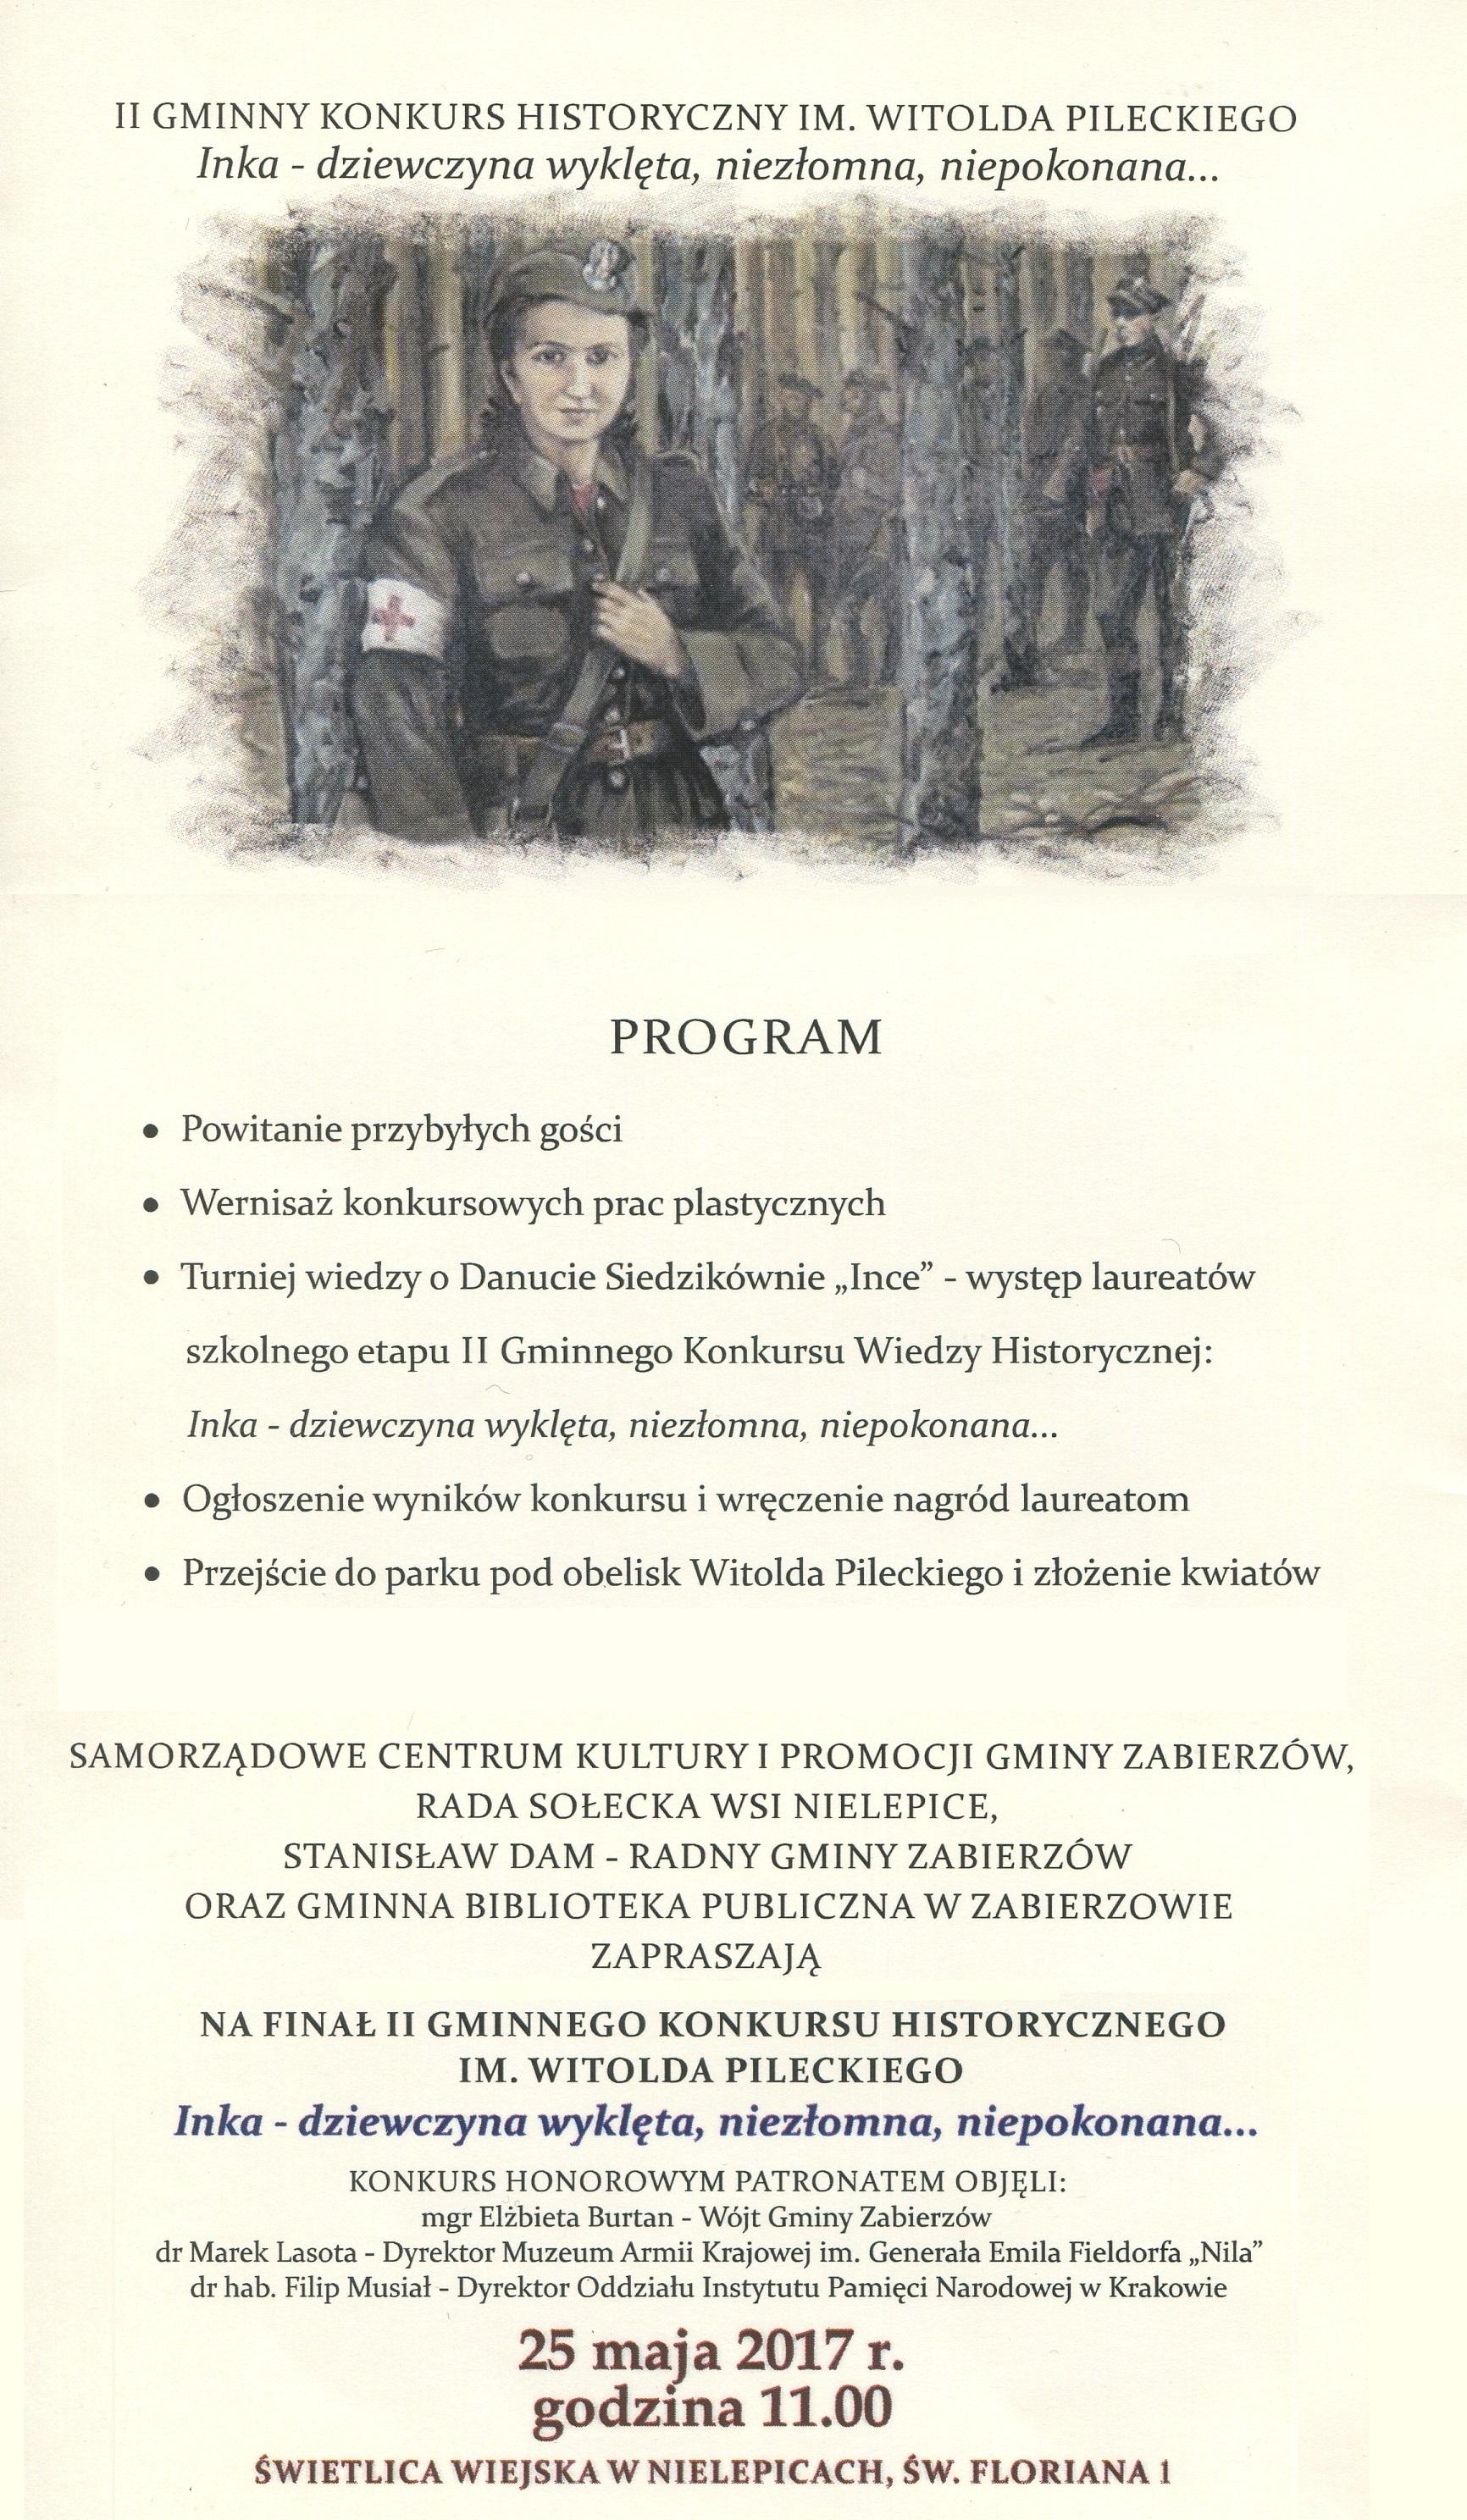 II Gminny Konkurs Historyczny im. Witolda Pileckiego @ Świetlica Wiejska w Nielepicach | Nielepice | małopolskie | Polska